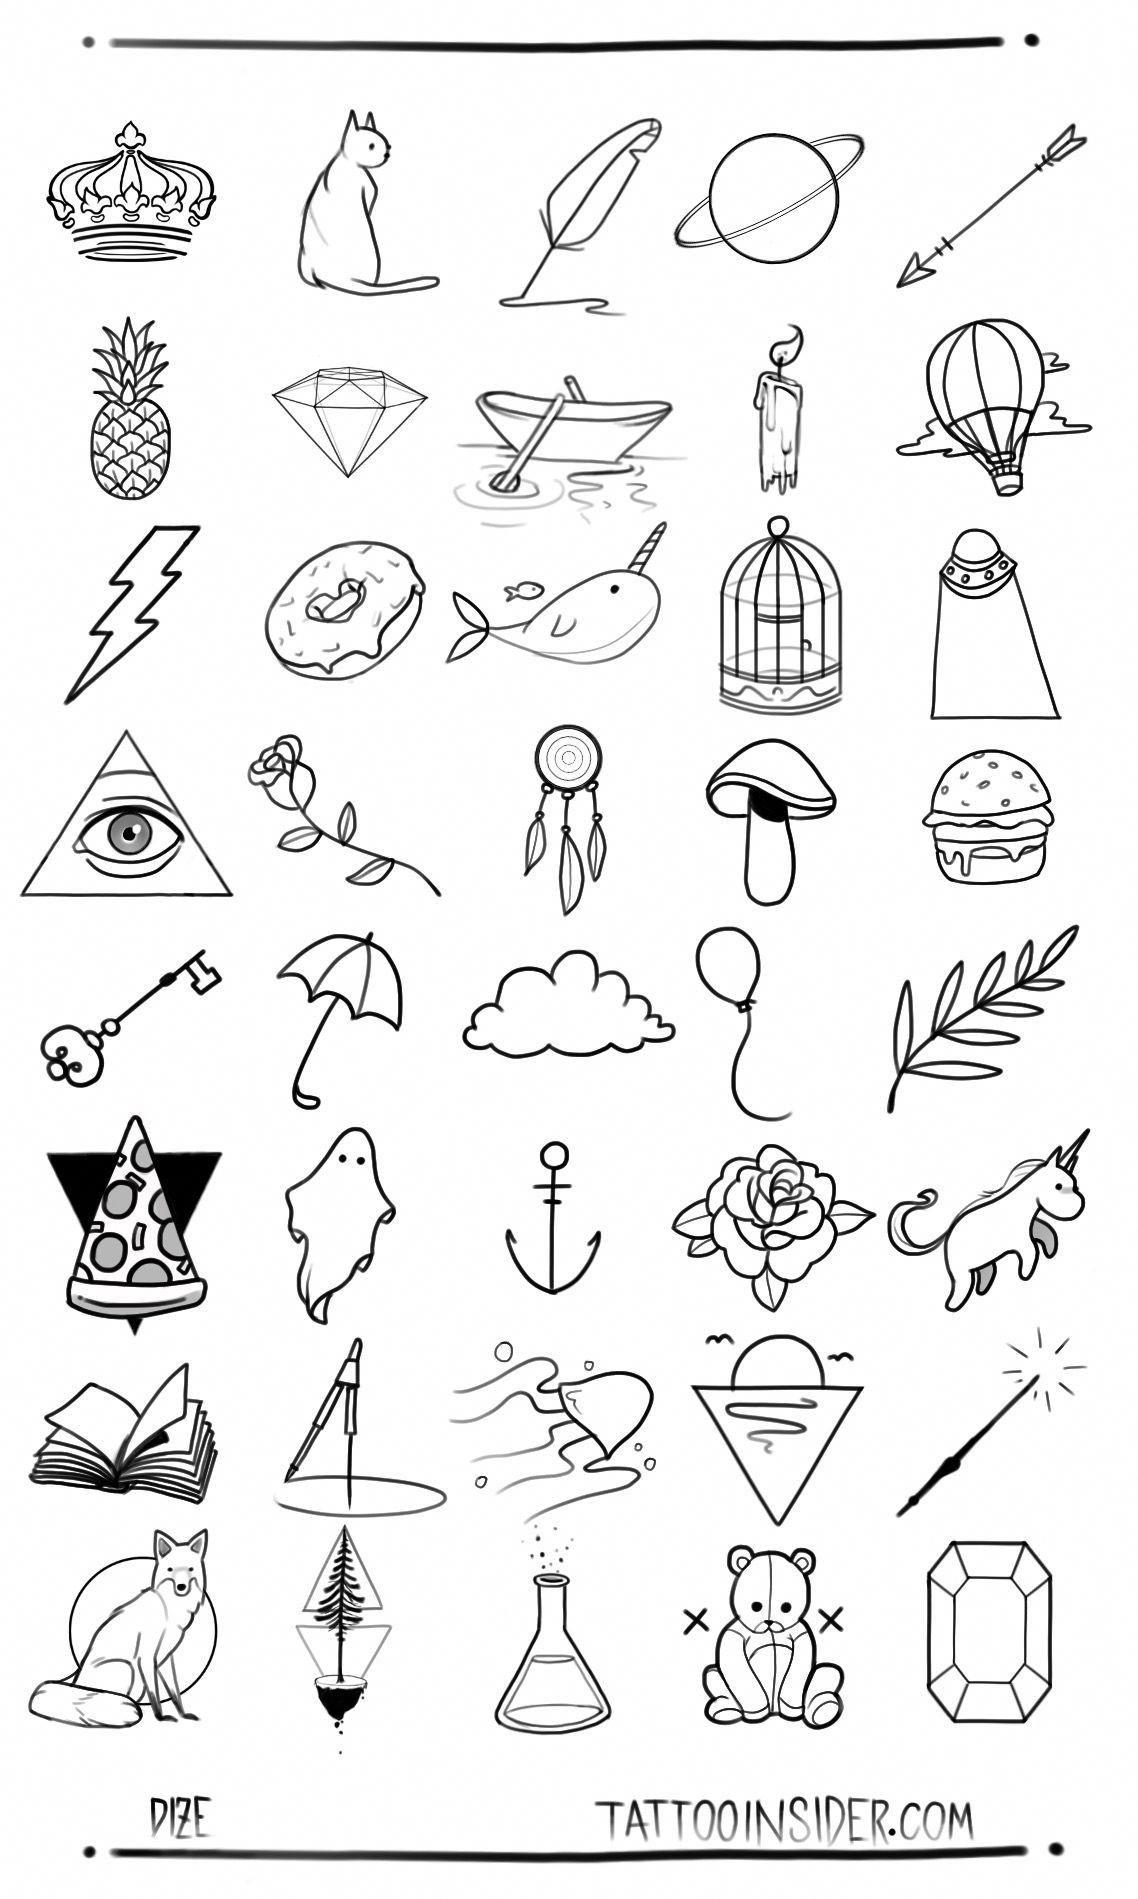 40 Small Tattoo Ideas For Women Tattoodesigns Small Tattoo Designs Small Tattoos For Guys Small Girl Tattoos